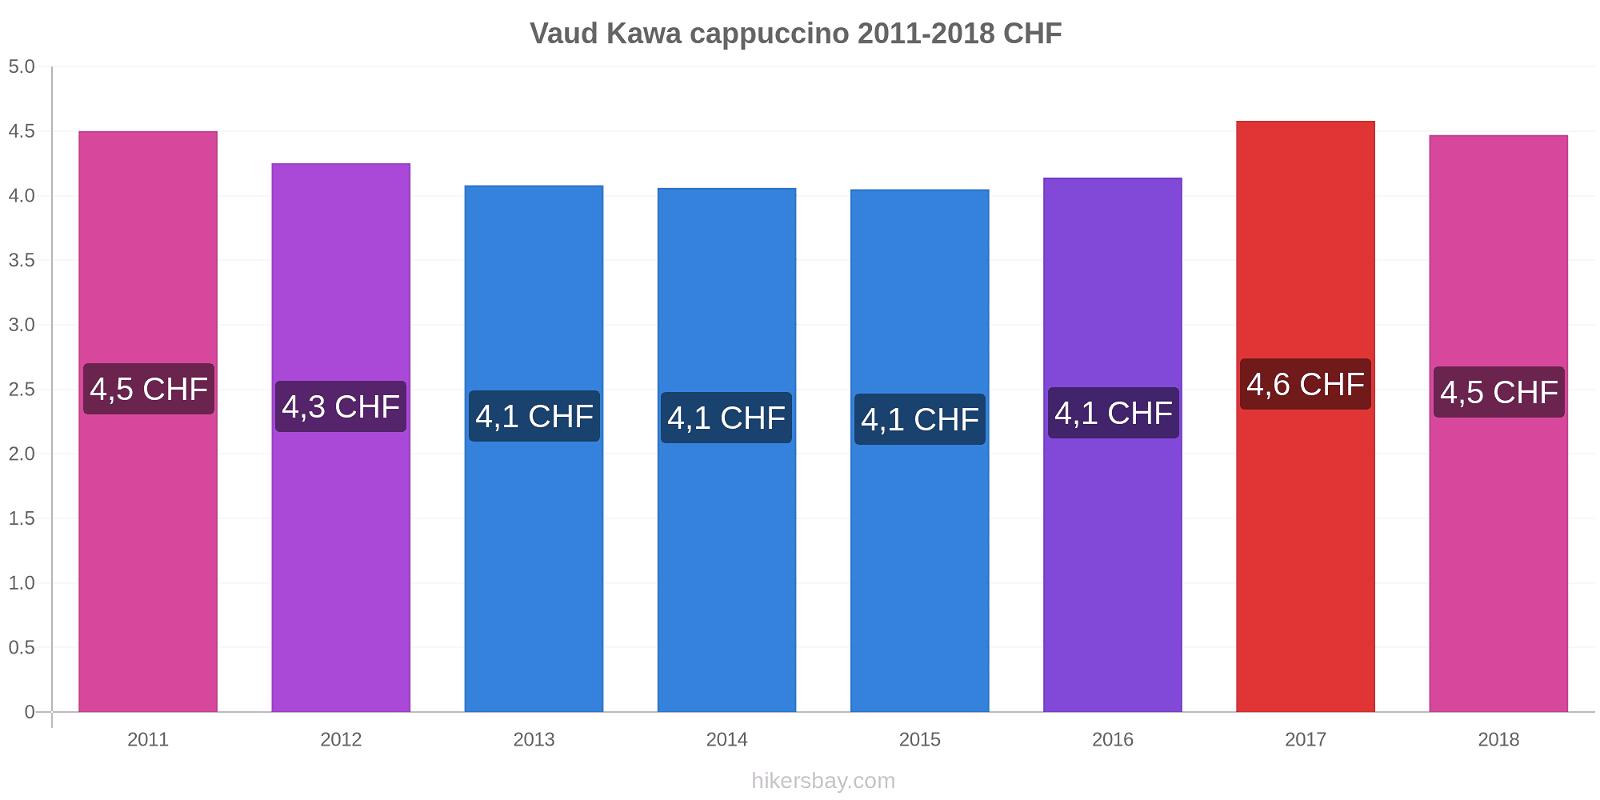 Vaud zmiany cen Kawa cappuccino hikersbay.com